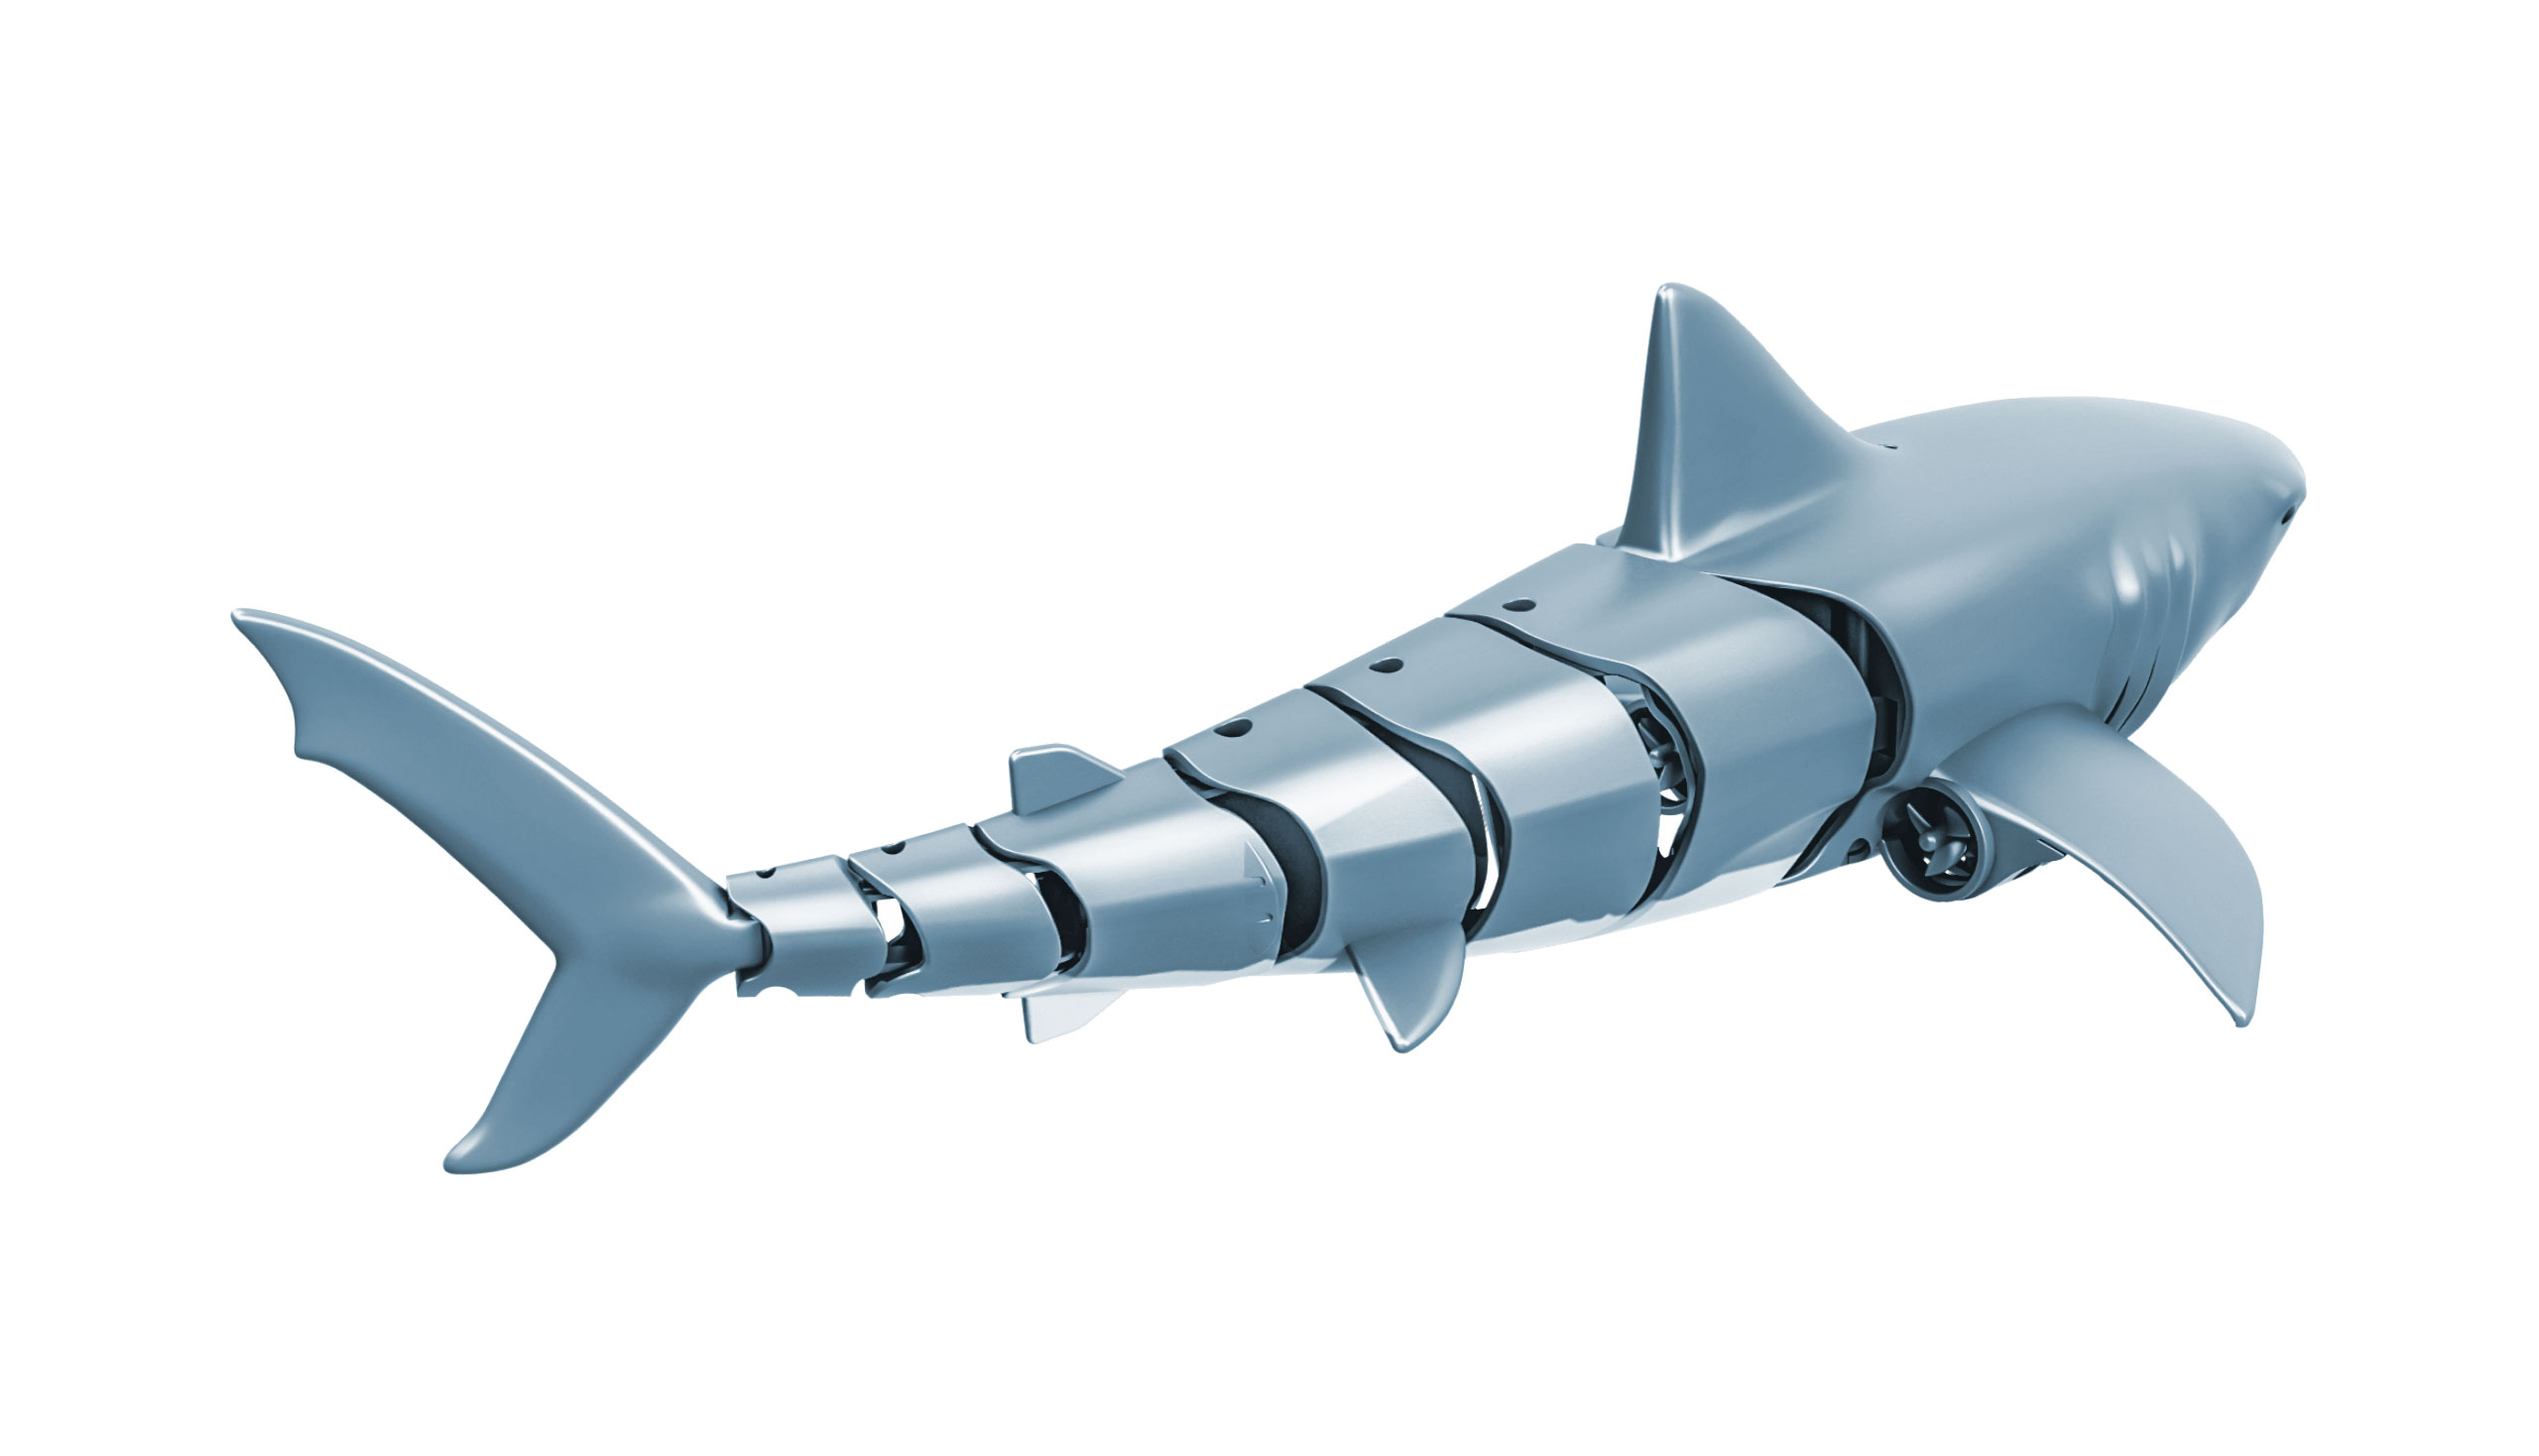 SHARKY, dálkově ovládaný žralok modrý, 4 kanály, dvě lodní turbíny, 2,4Ghz, RTR